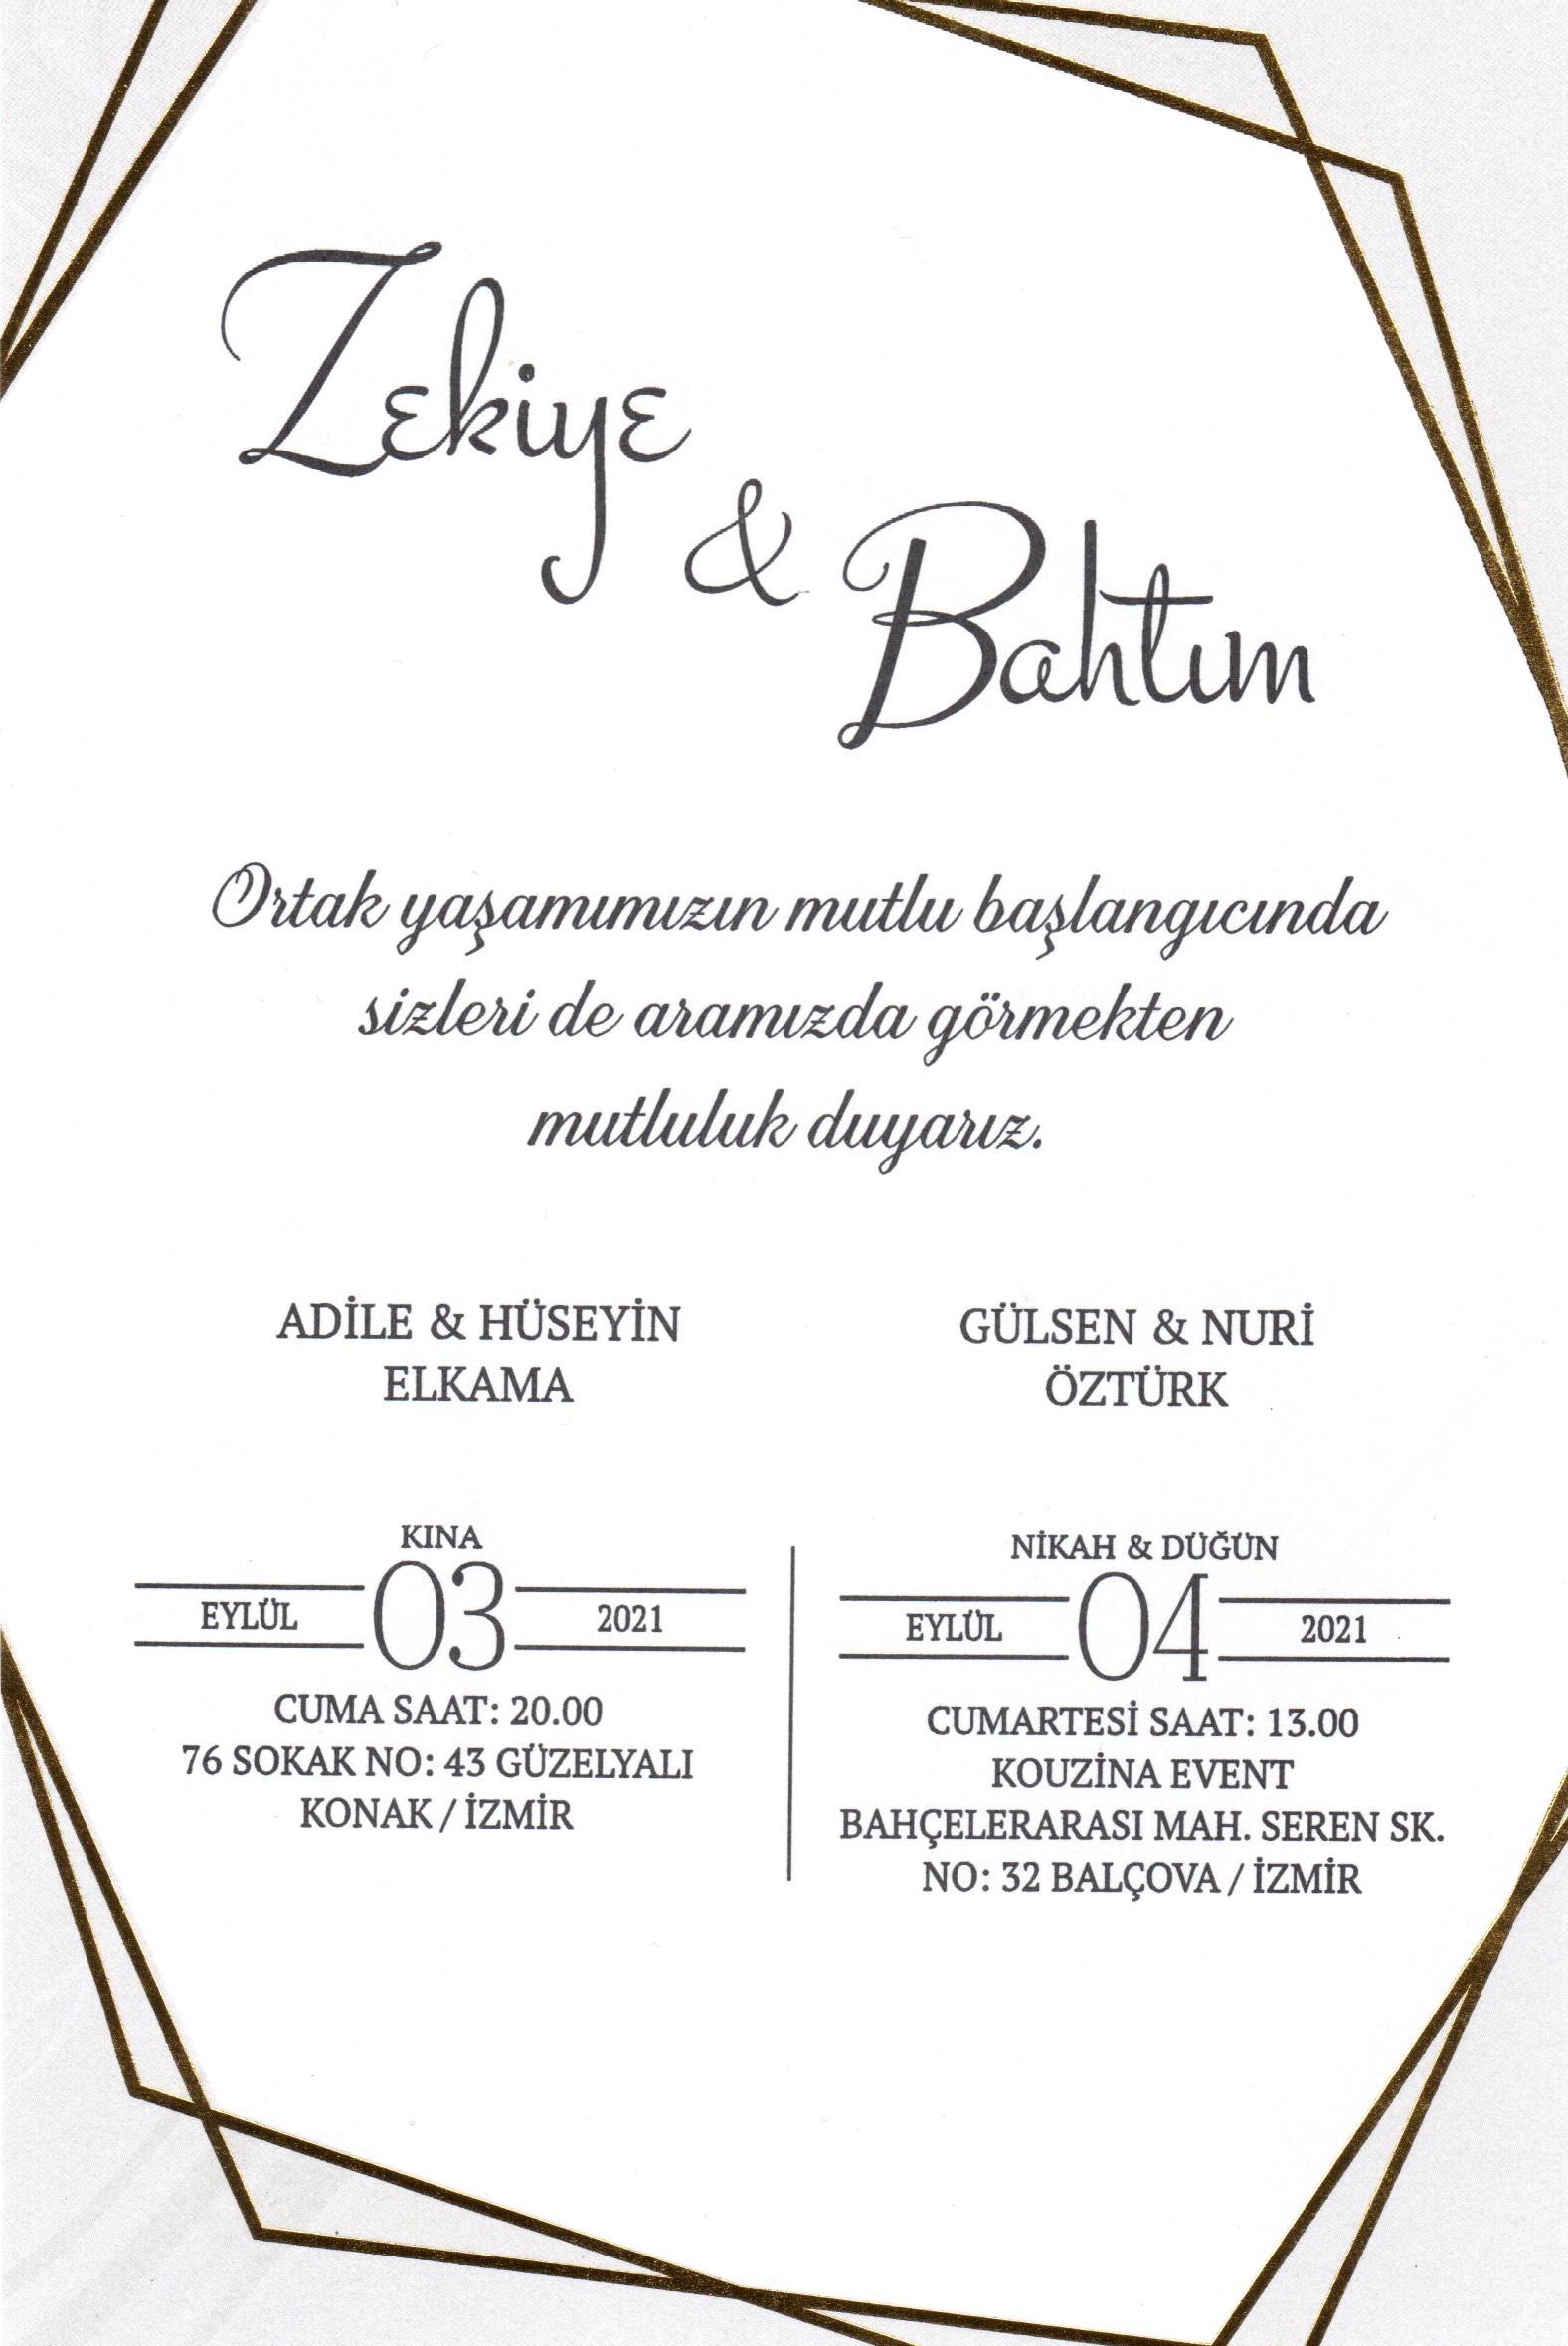 İzmir ili Milli Hakemimiz Evleniyor